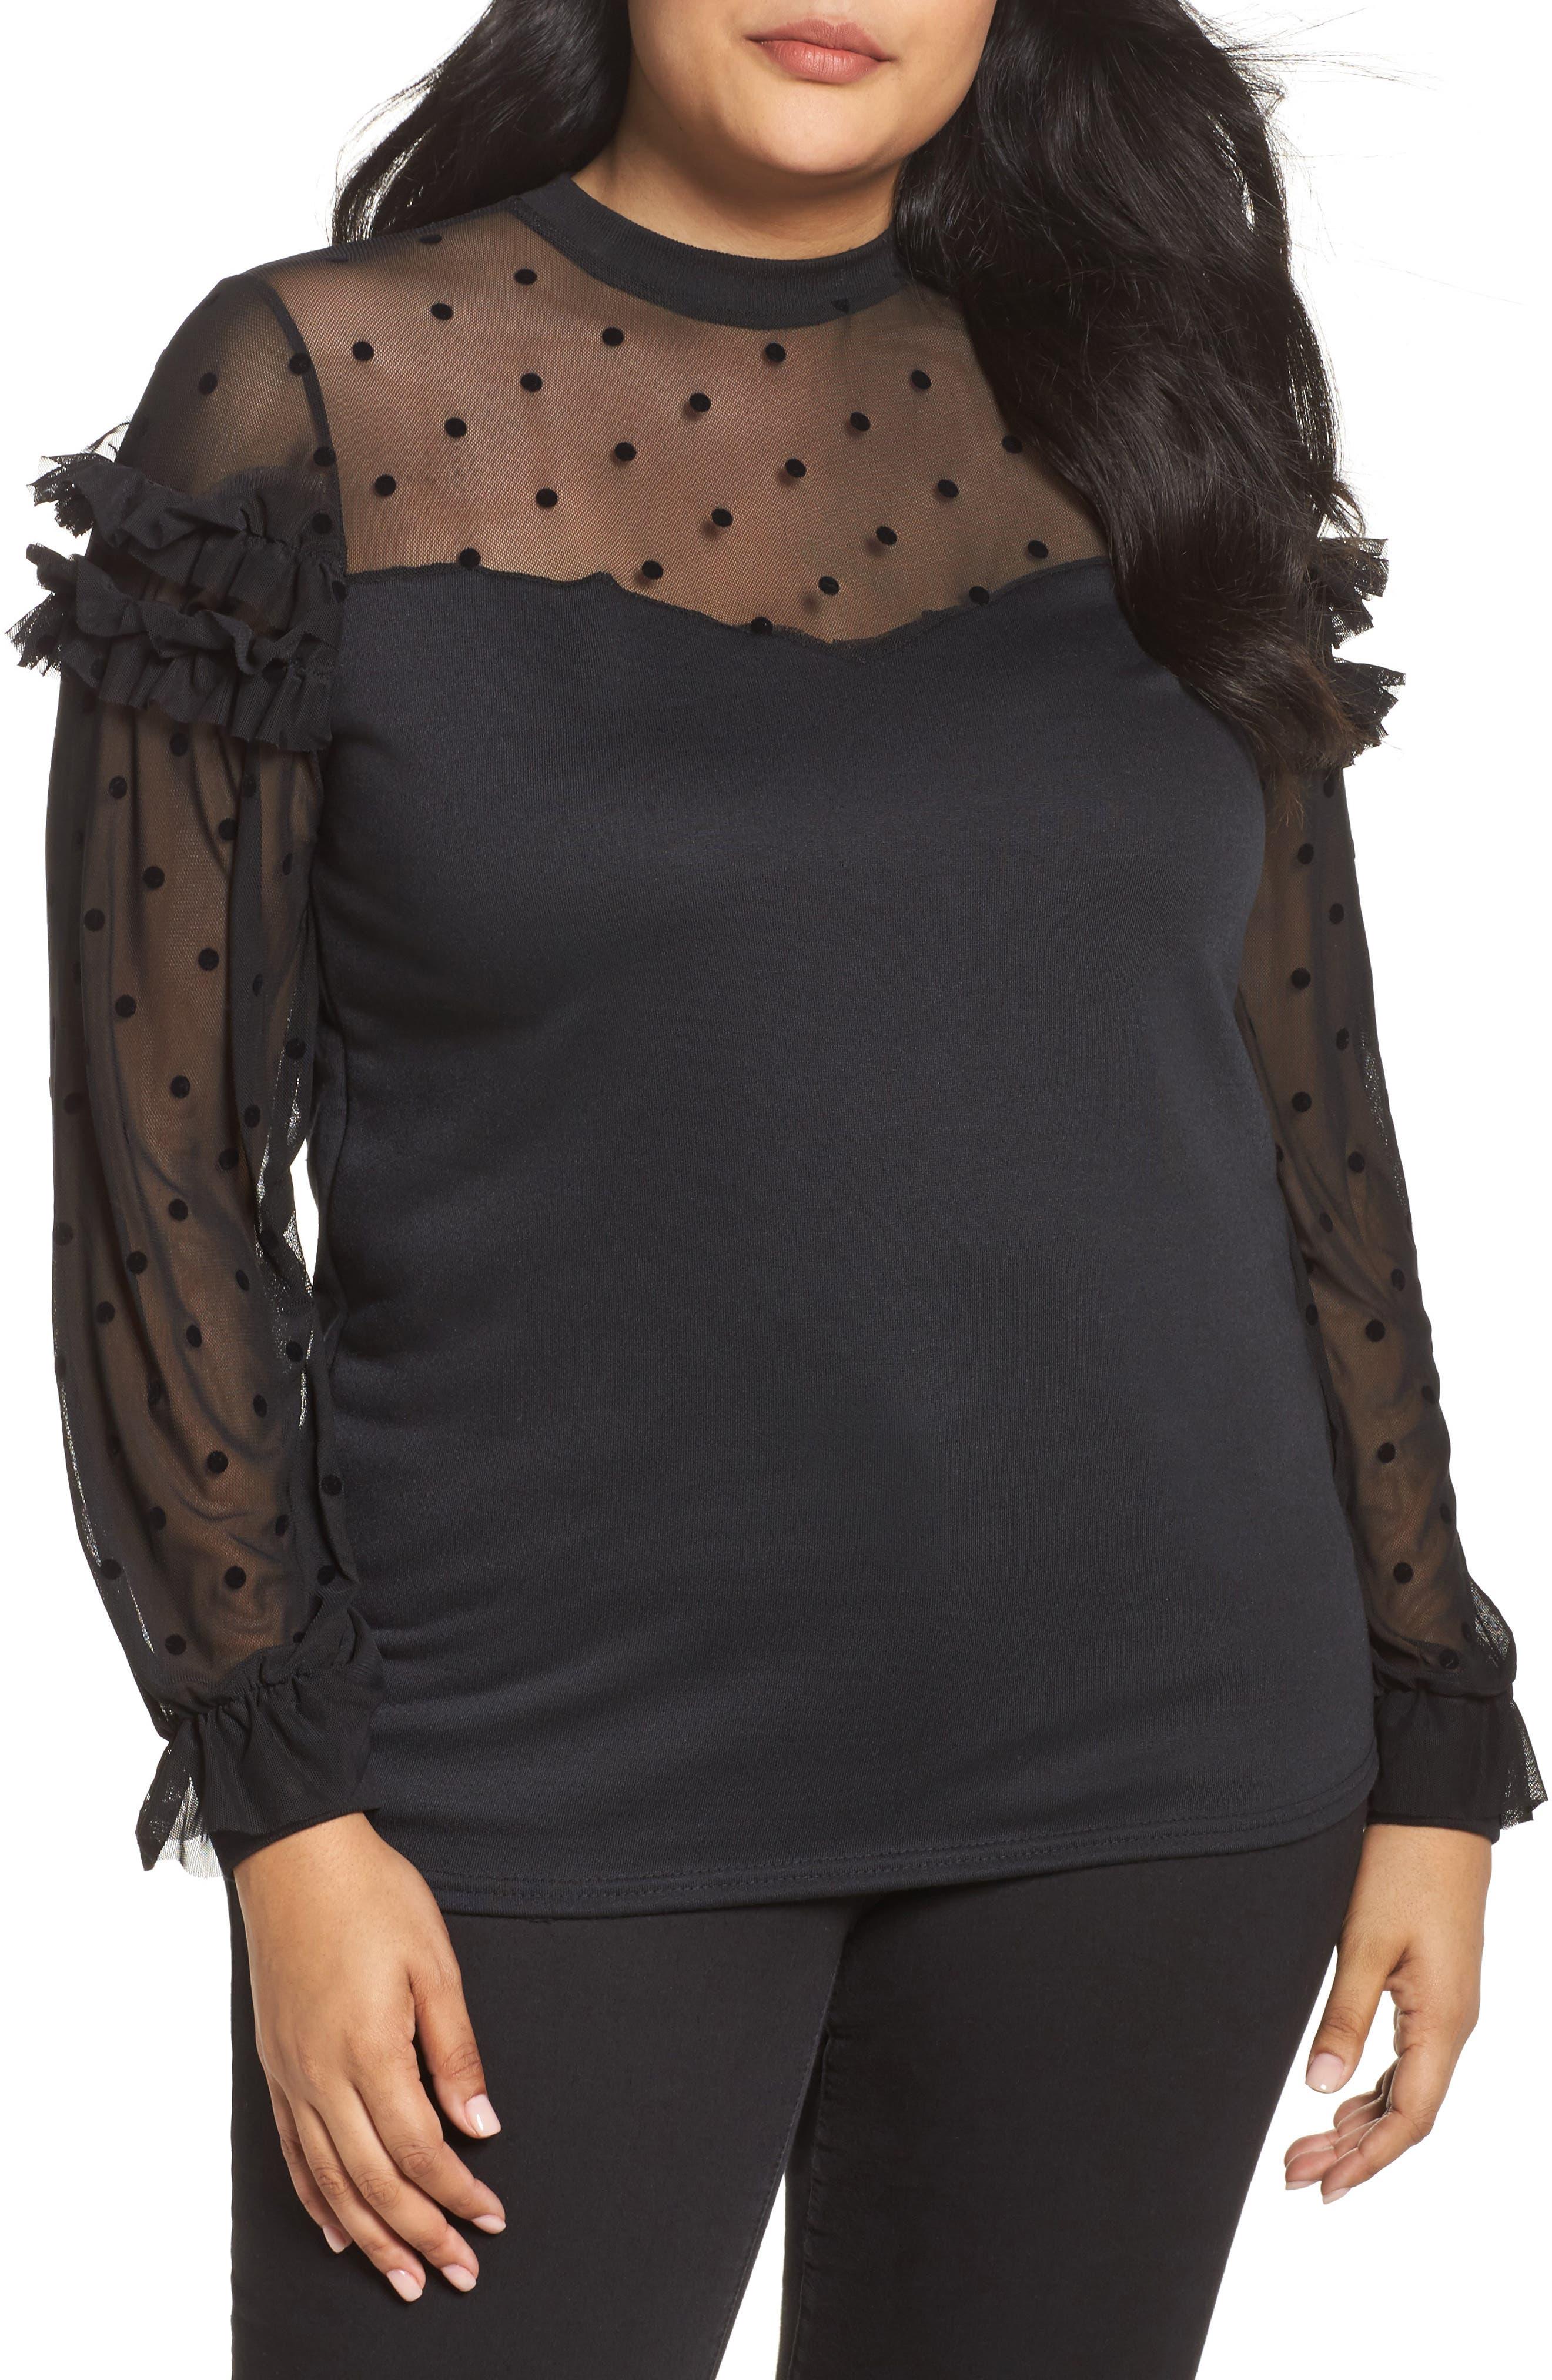 Dot Mesh Sweater,                             Main thumbnail 1, color,                             Black